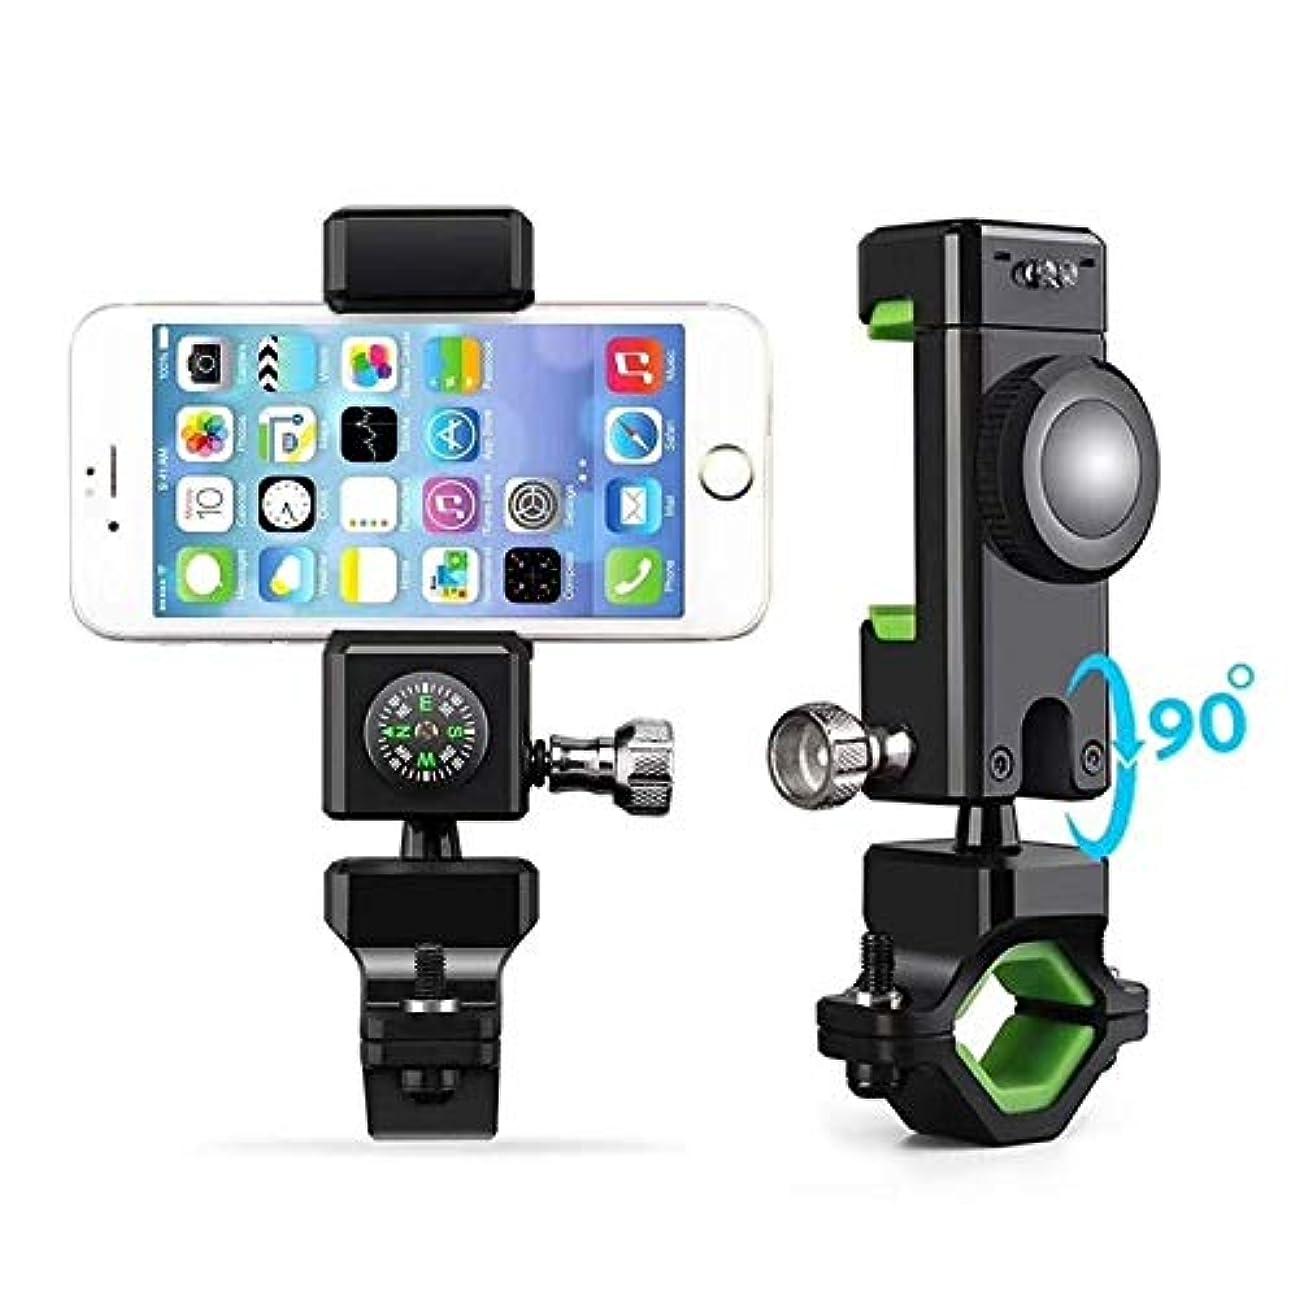 ホップスポンサー本質的ではないコンパス、LEDライトが付いているオートバイの自転車のハンドルバーの電話台紙のホールダーの揺りかご,